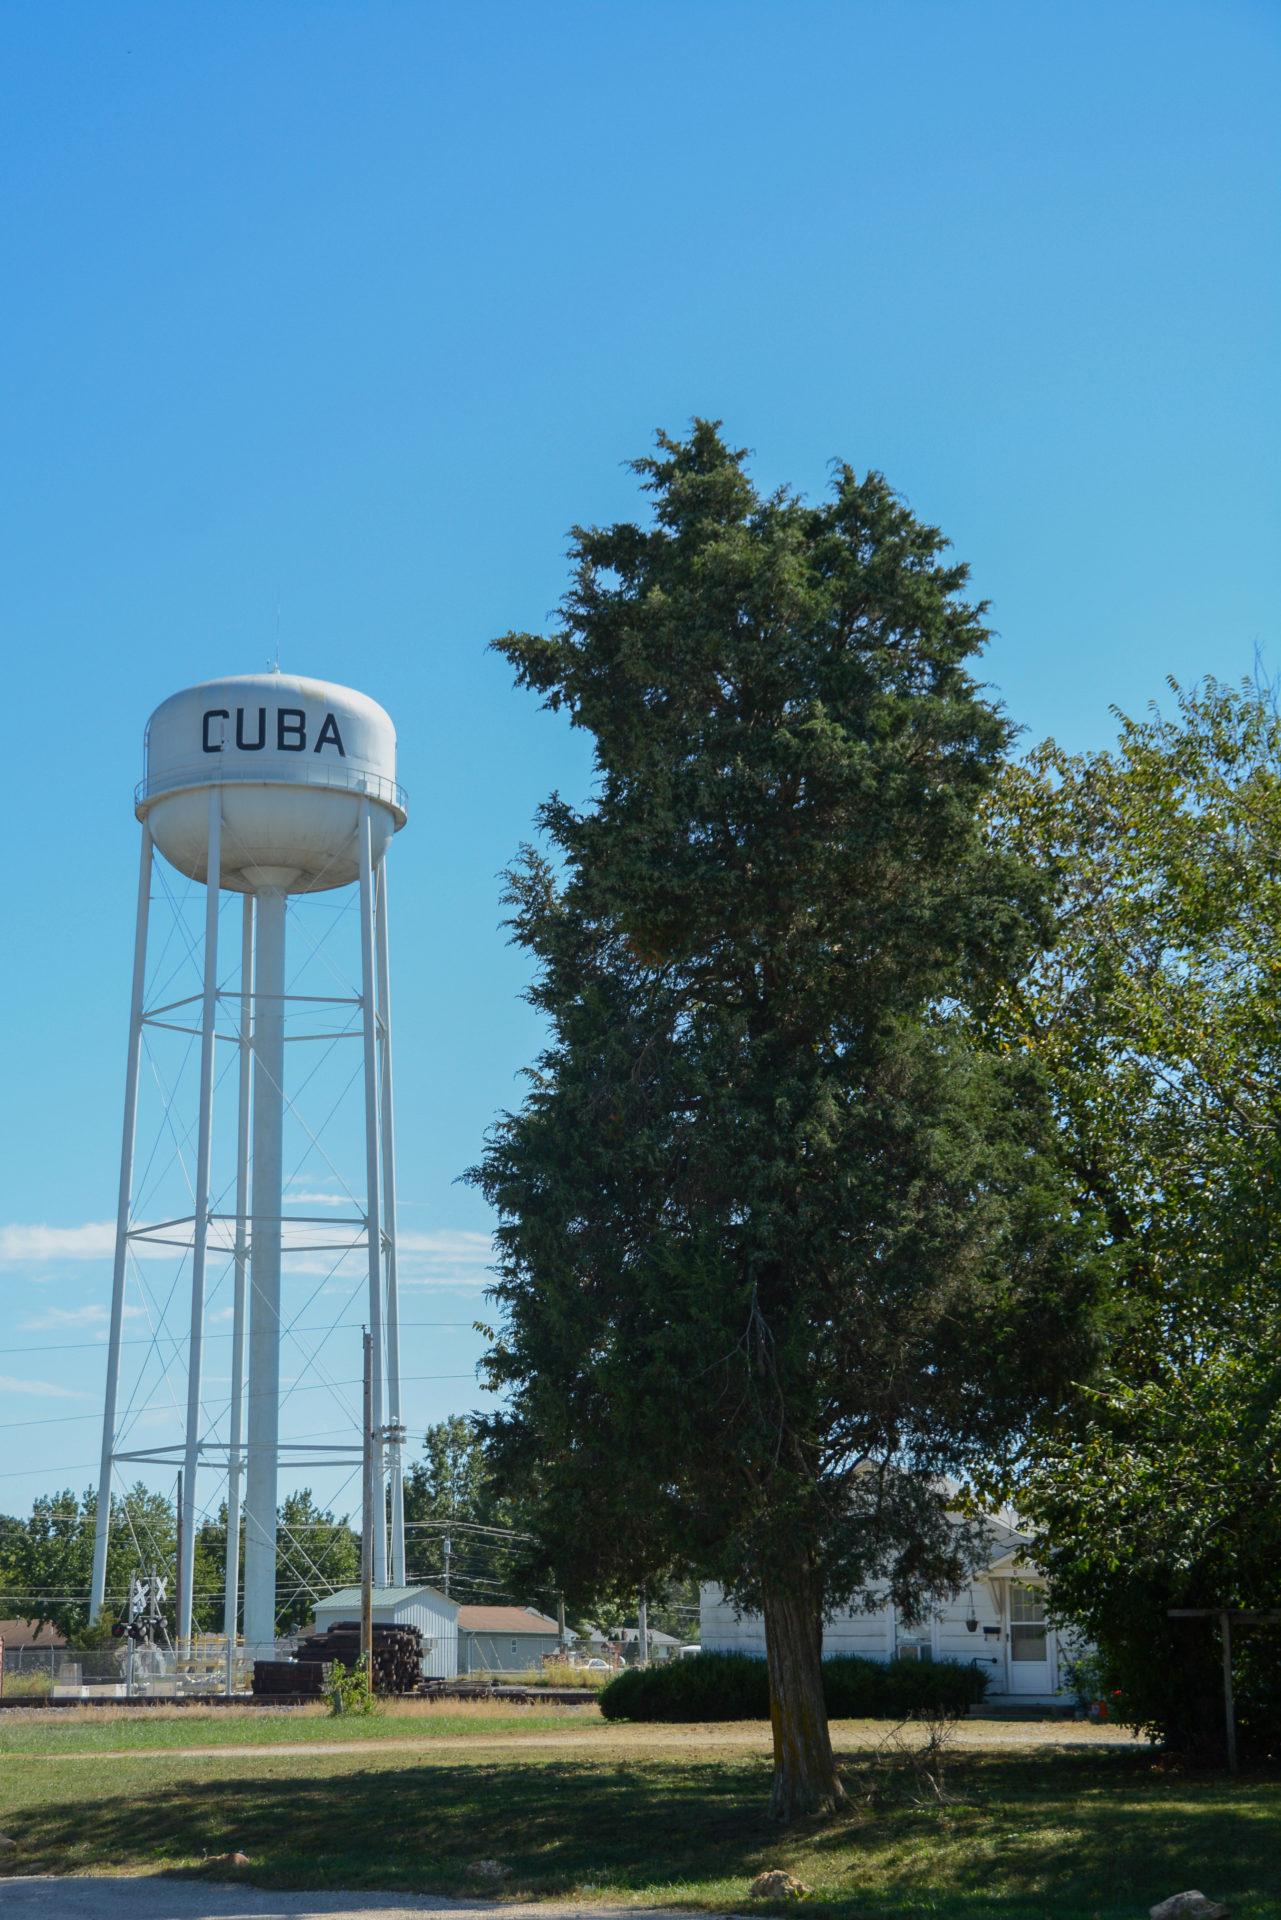 Wassertank mit Aufschrift Cuba in Missouri